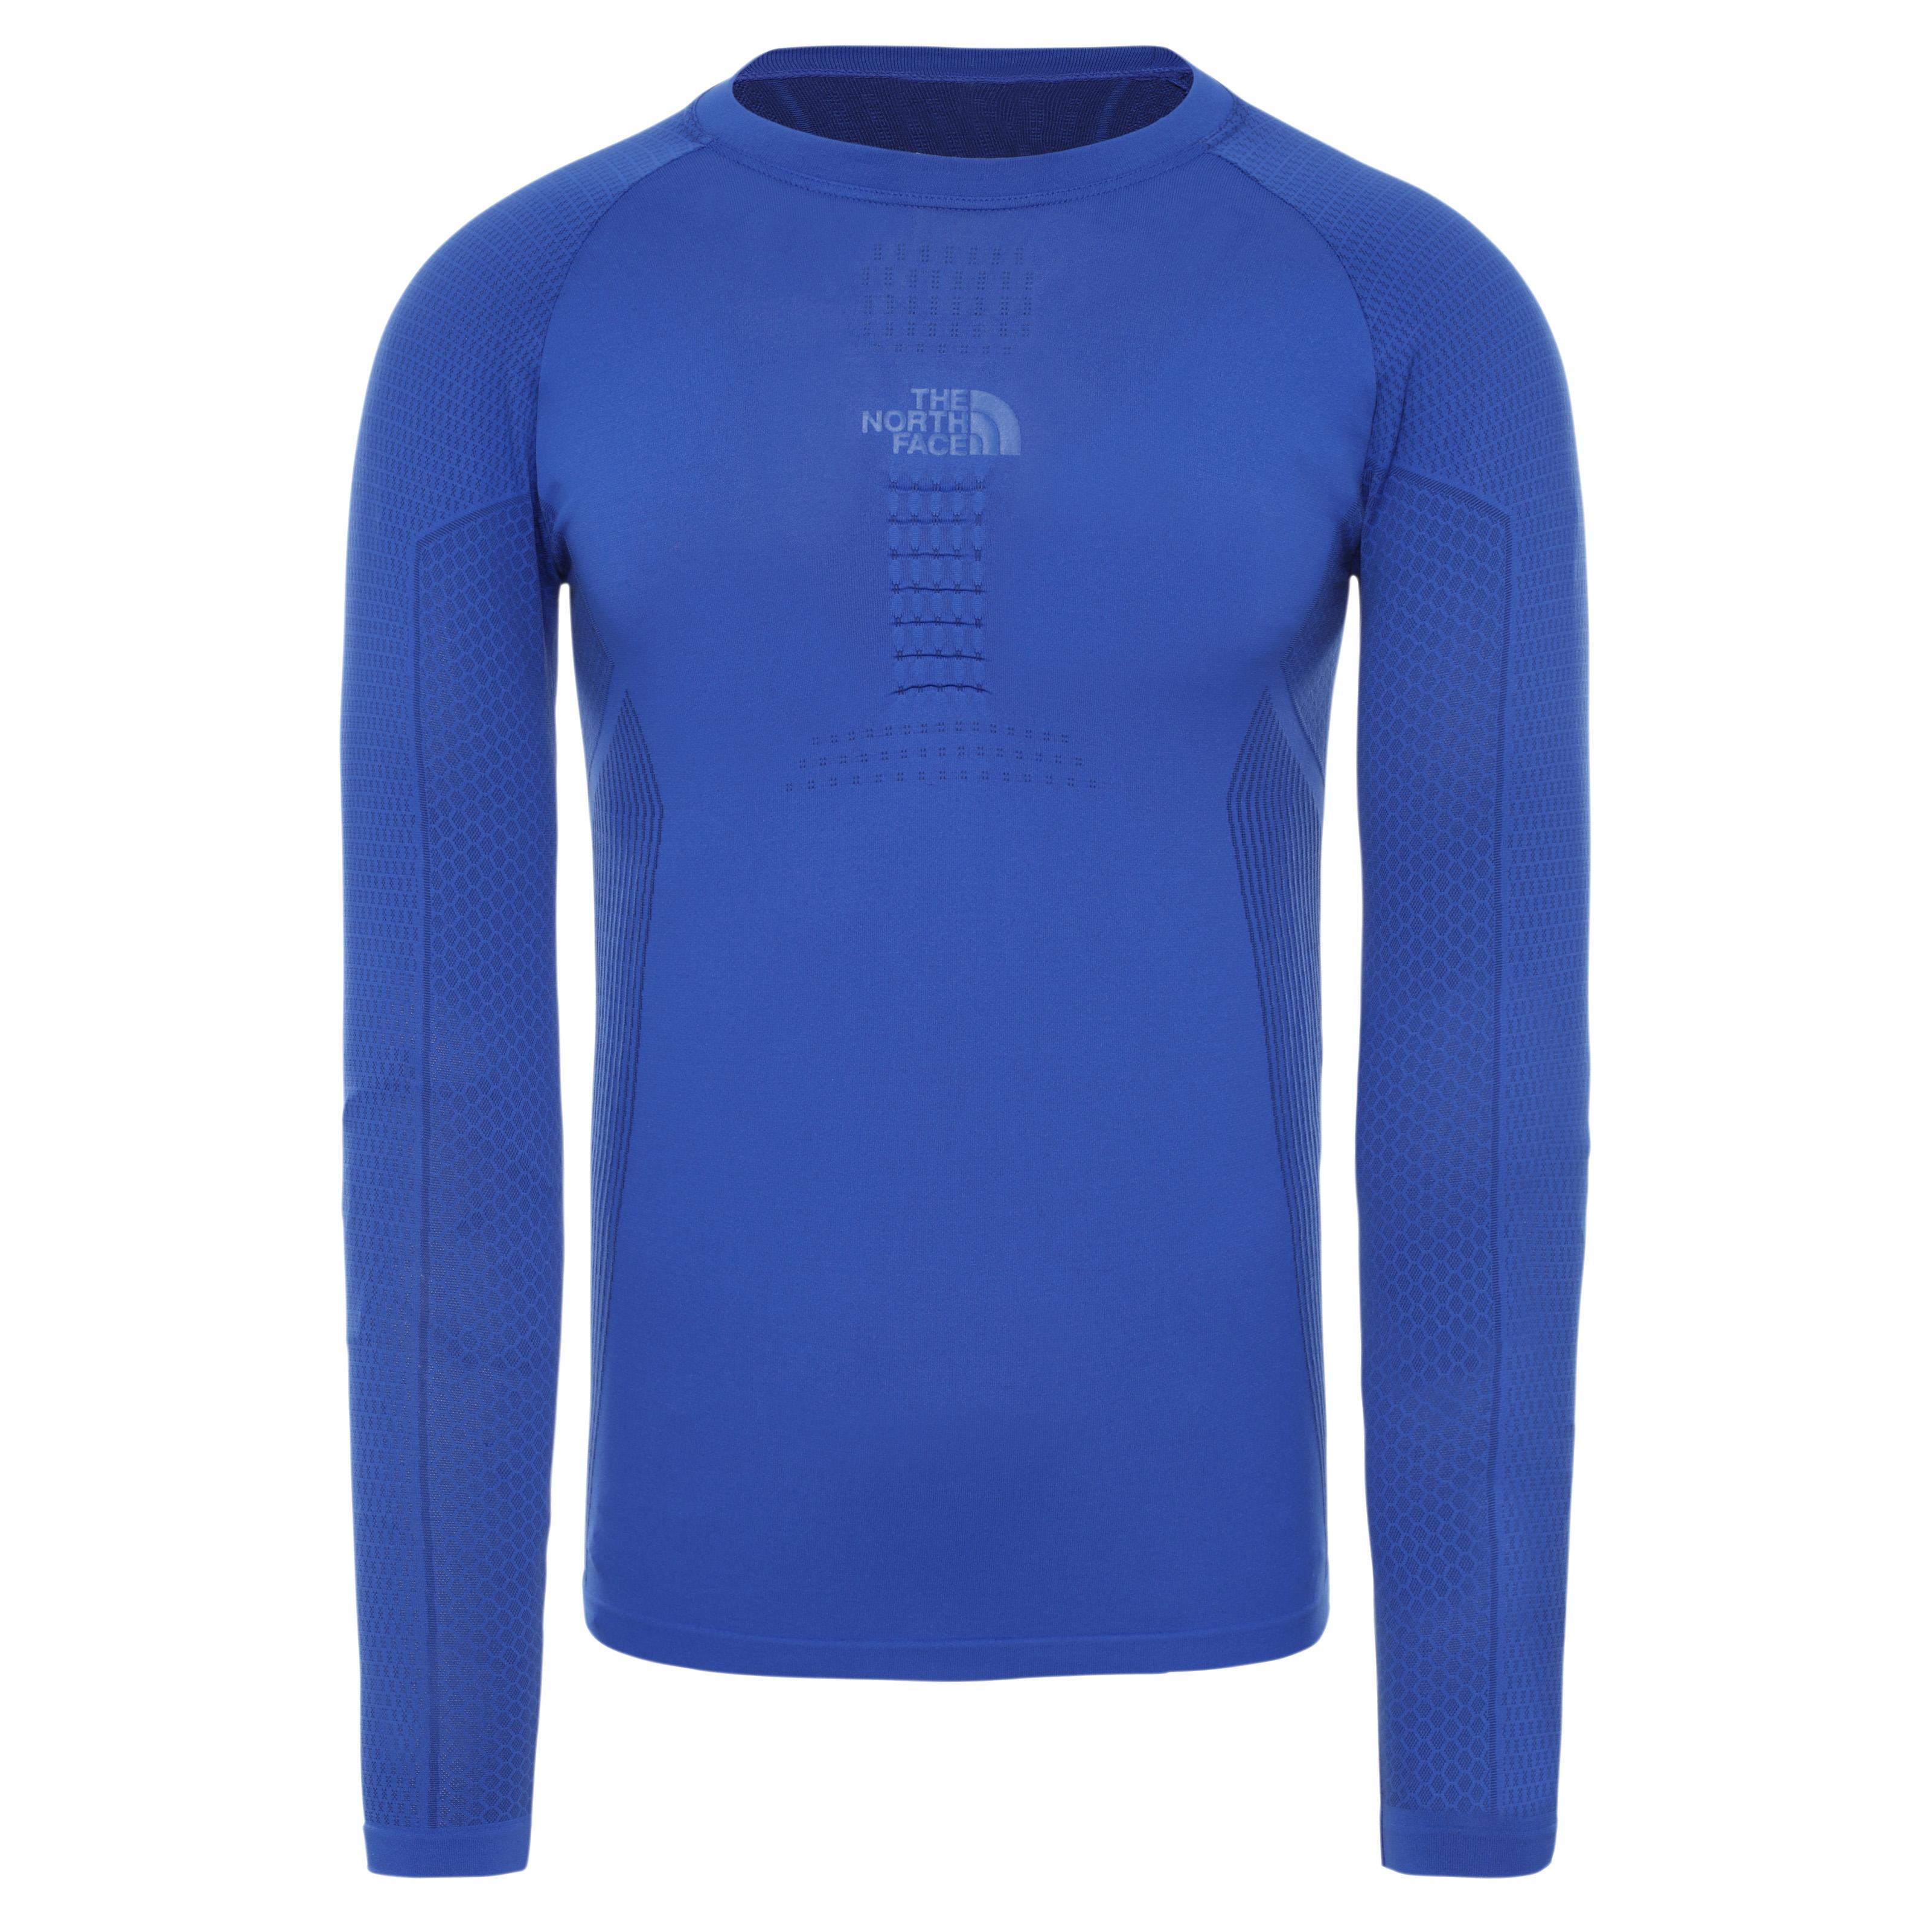 The North Face pánské funkční prádlo PÁNSKÉ FUNKČNÍ TRIČKO S DLOUHÝM RUKÁVEM ACTIVE The North Face